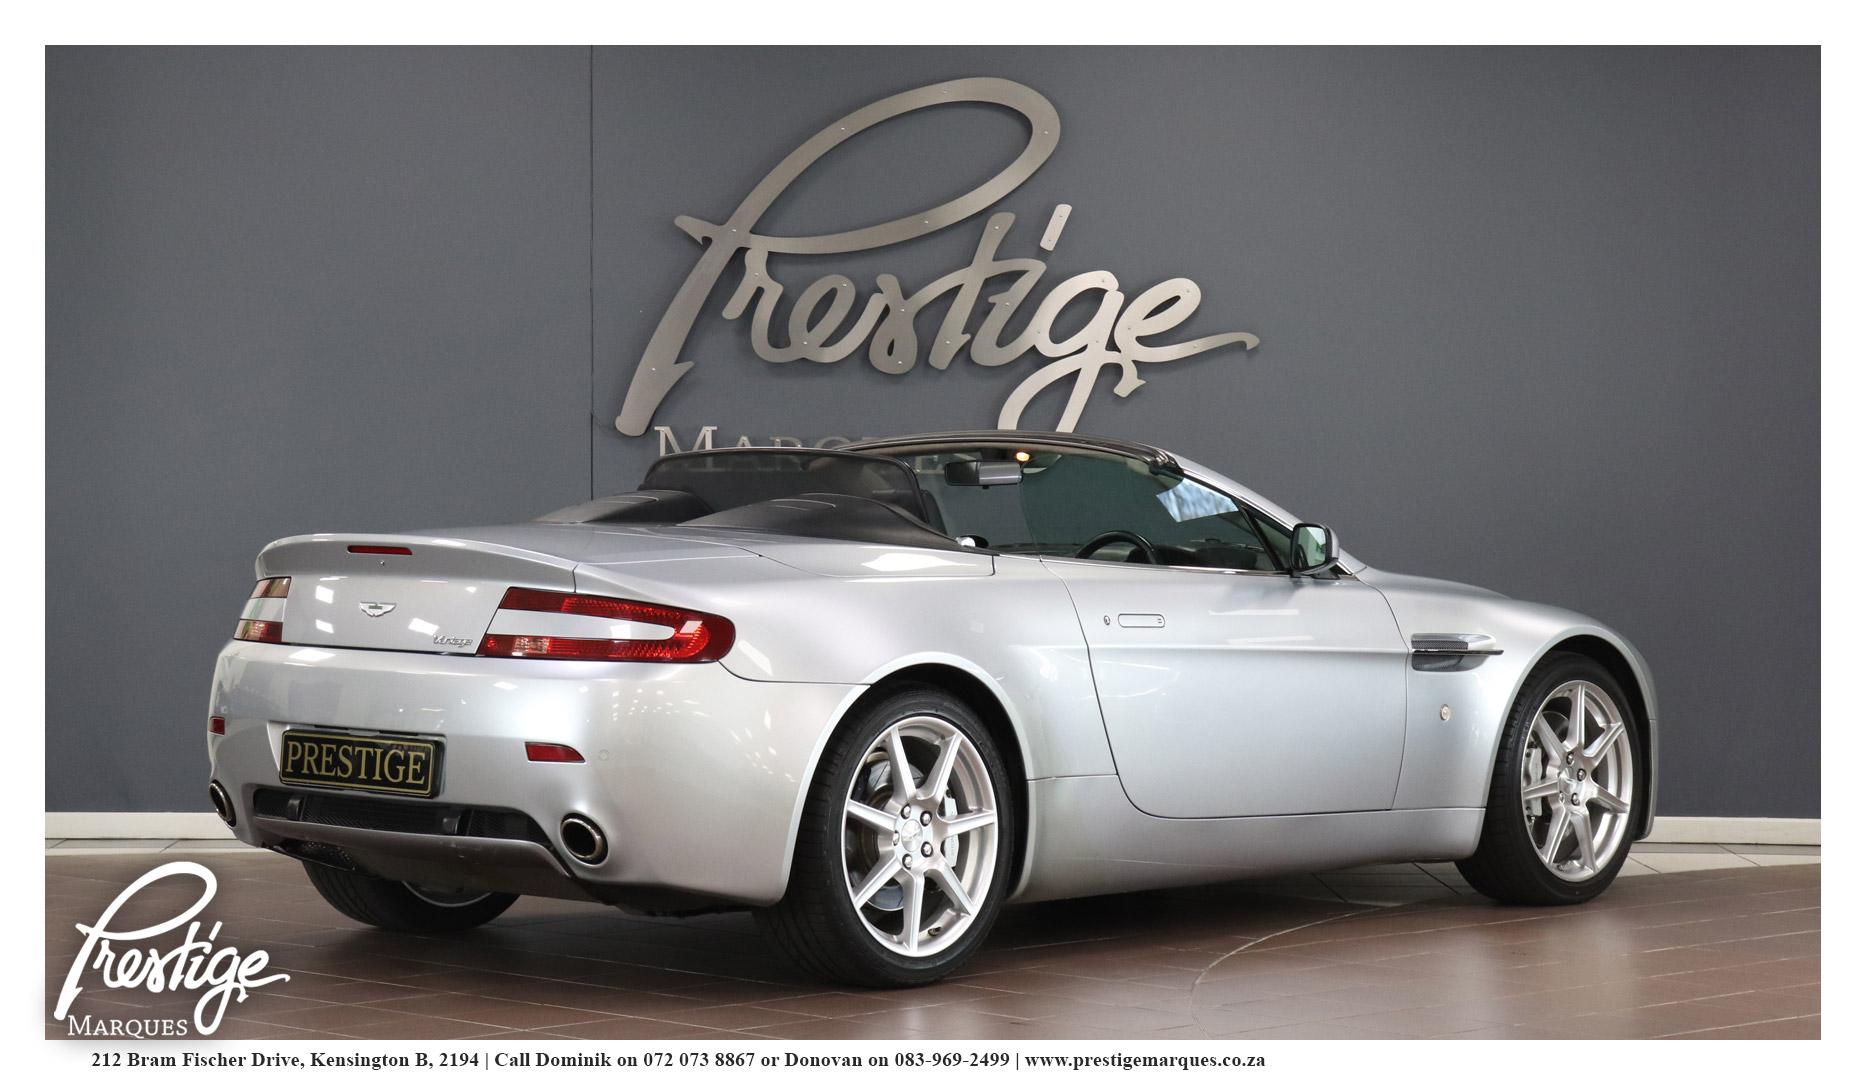 Aston-Martin-V8-Vantage-Convertible-Auto-Prestige-Marques-Sandton-5